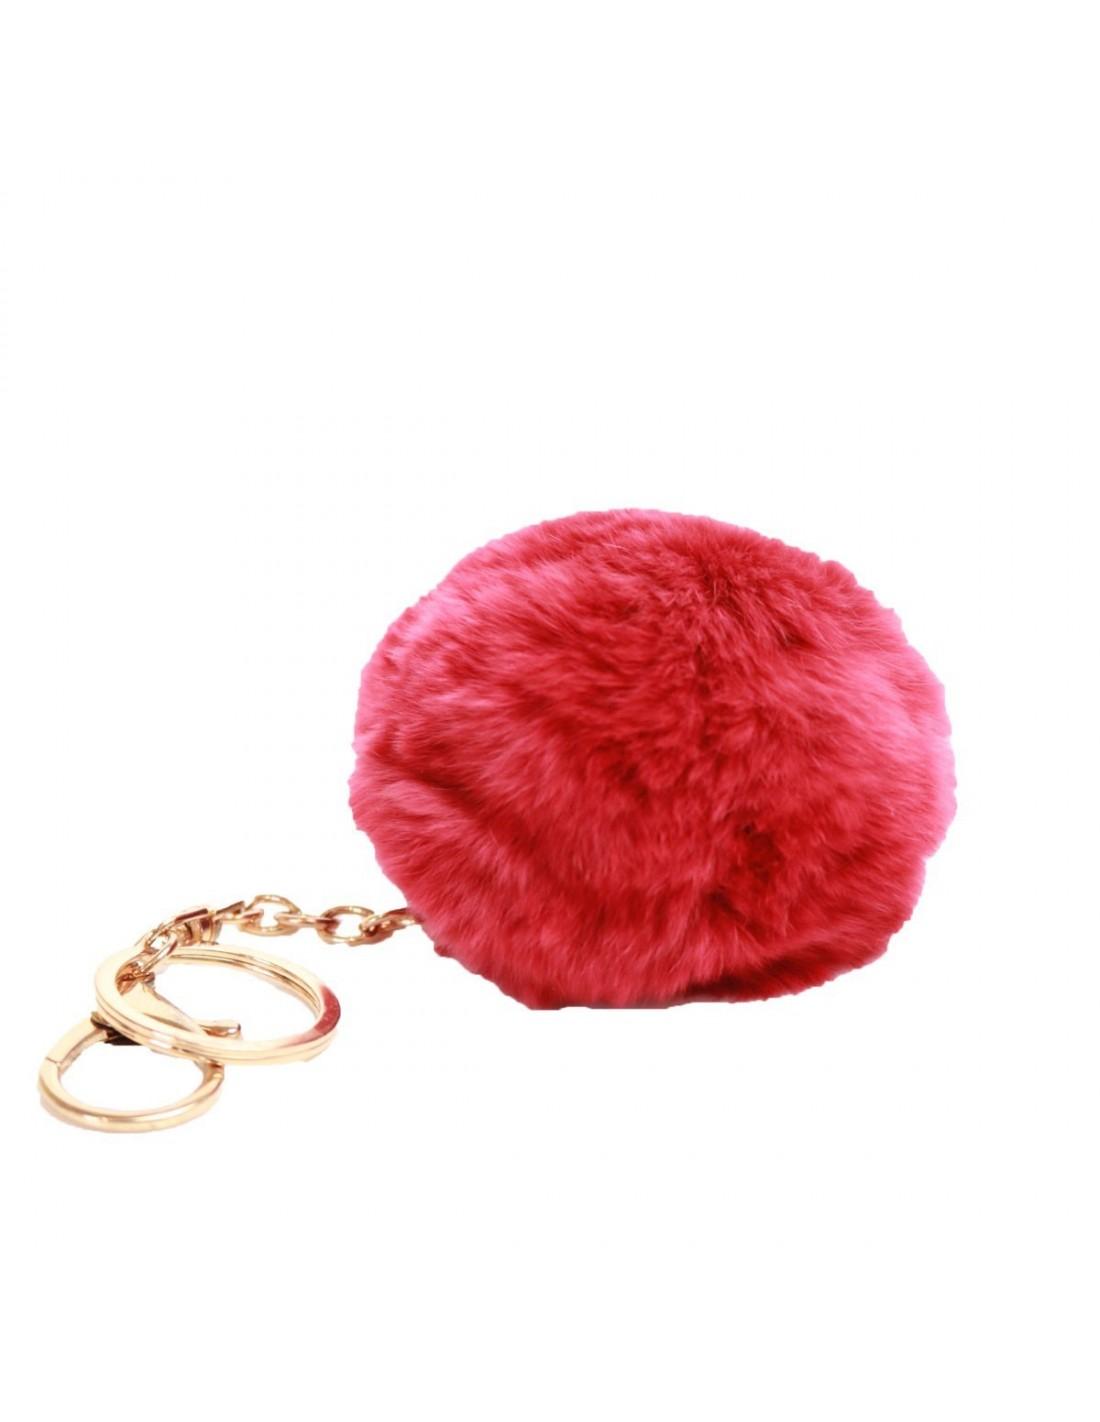 pompon rouge fourrure synth tique bijoux de sac porte cl s. Black Bedroom Furniture Sets. Home Design Ideas